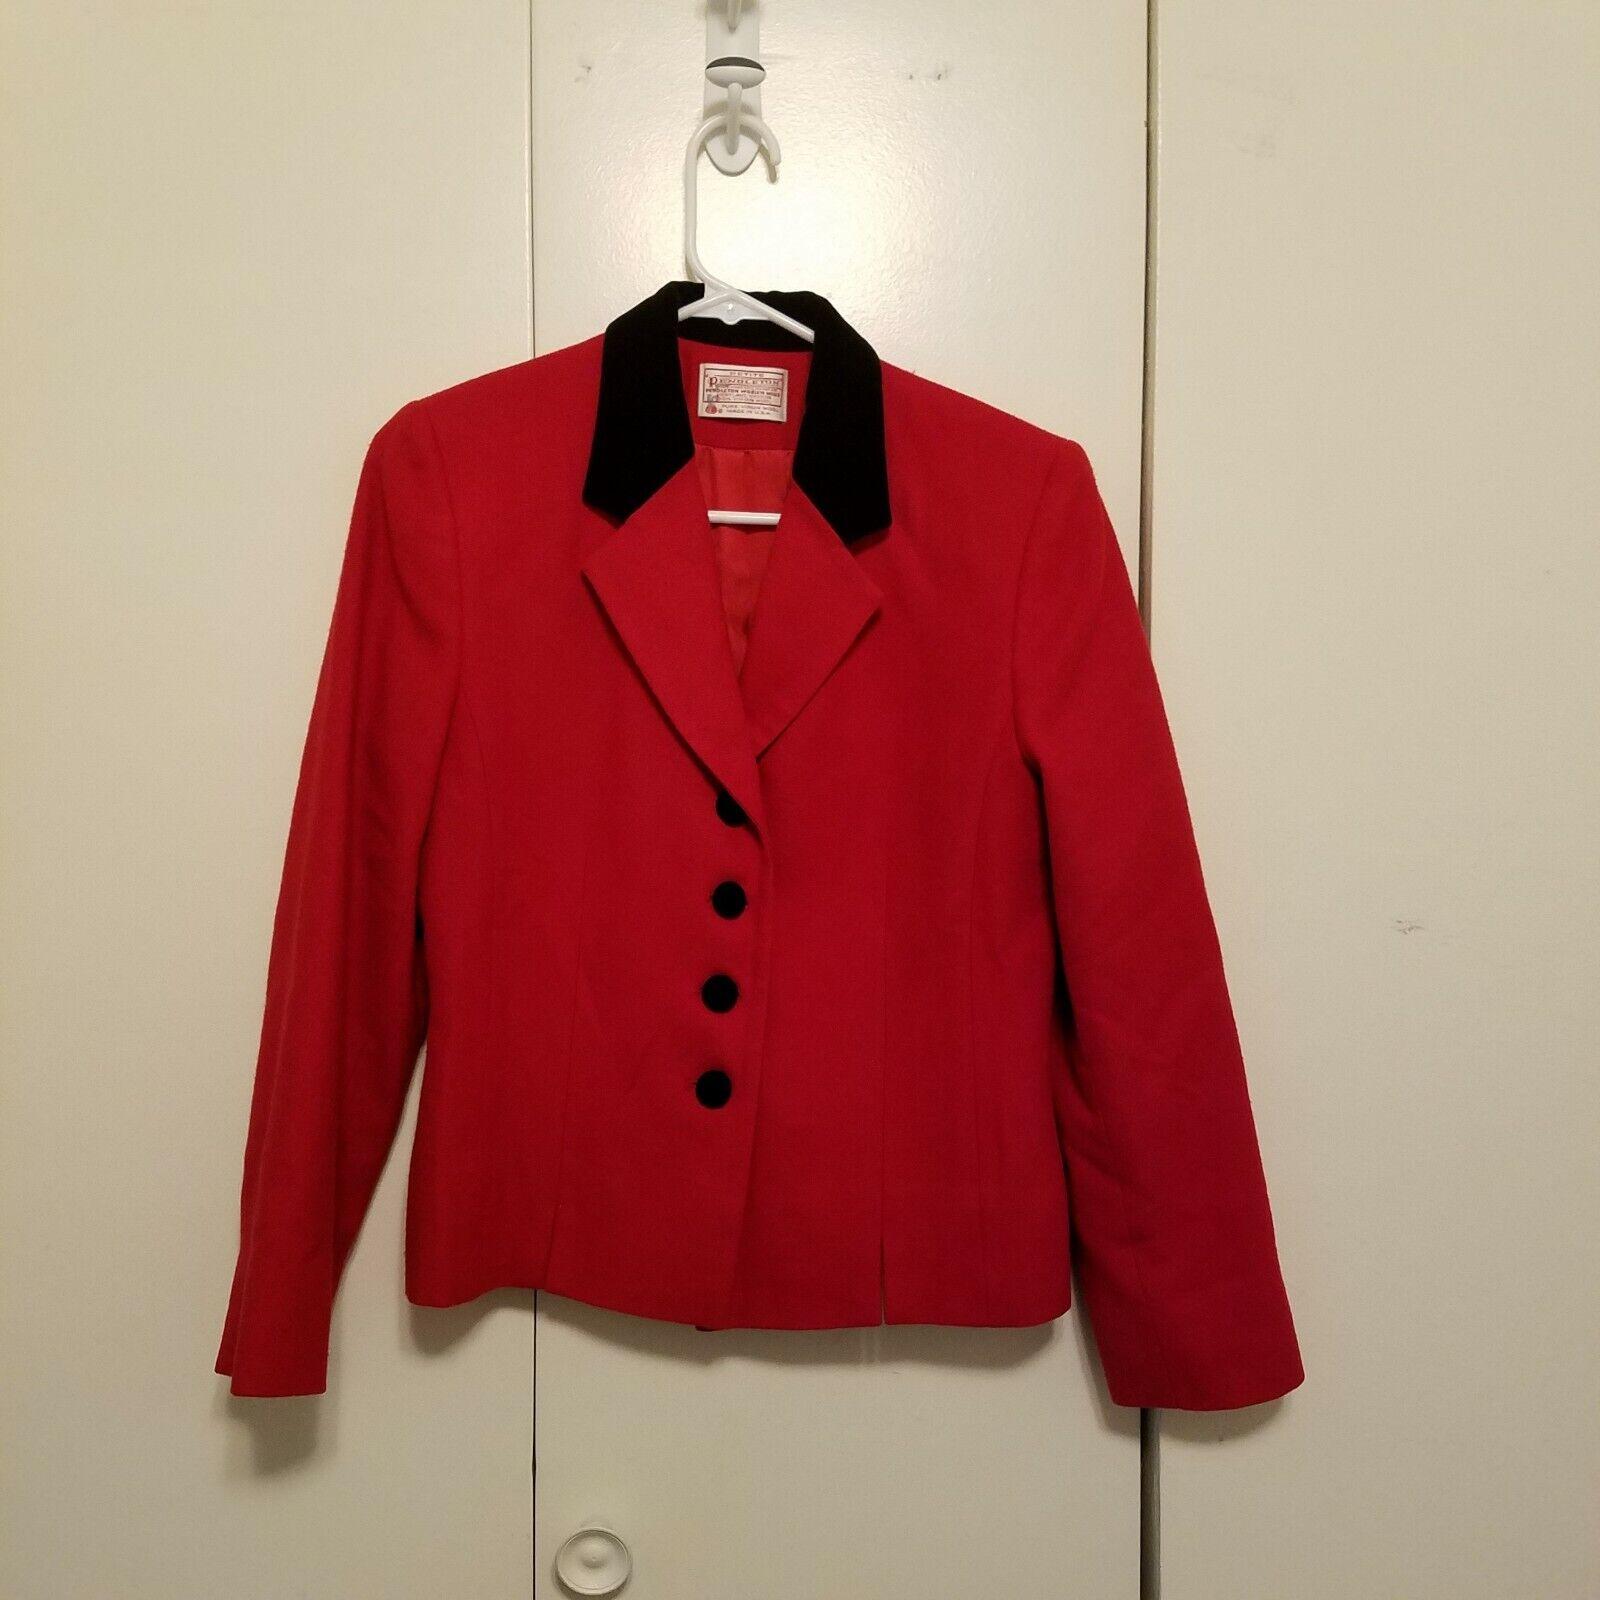 Vintage Pendleton Red Wool Velvet Collar Blazer  - image 1